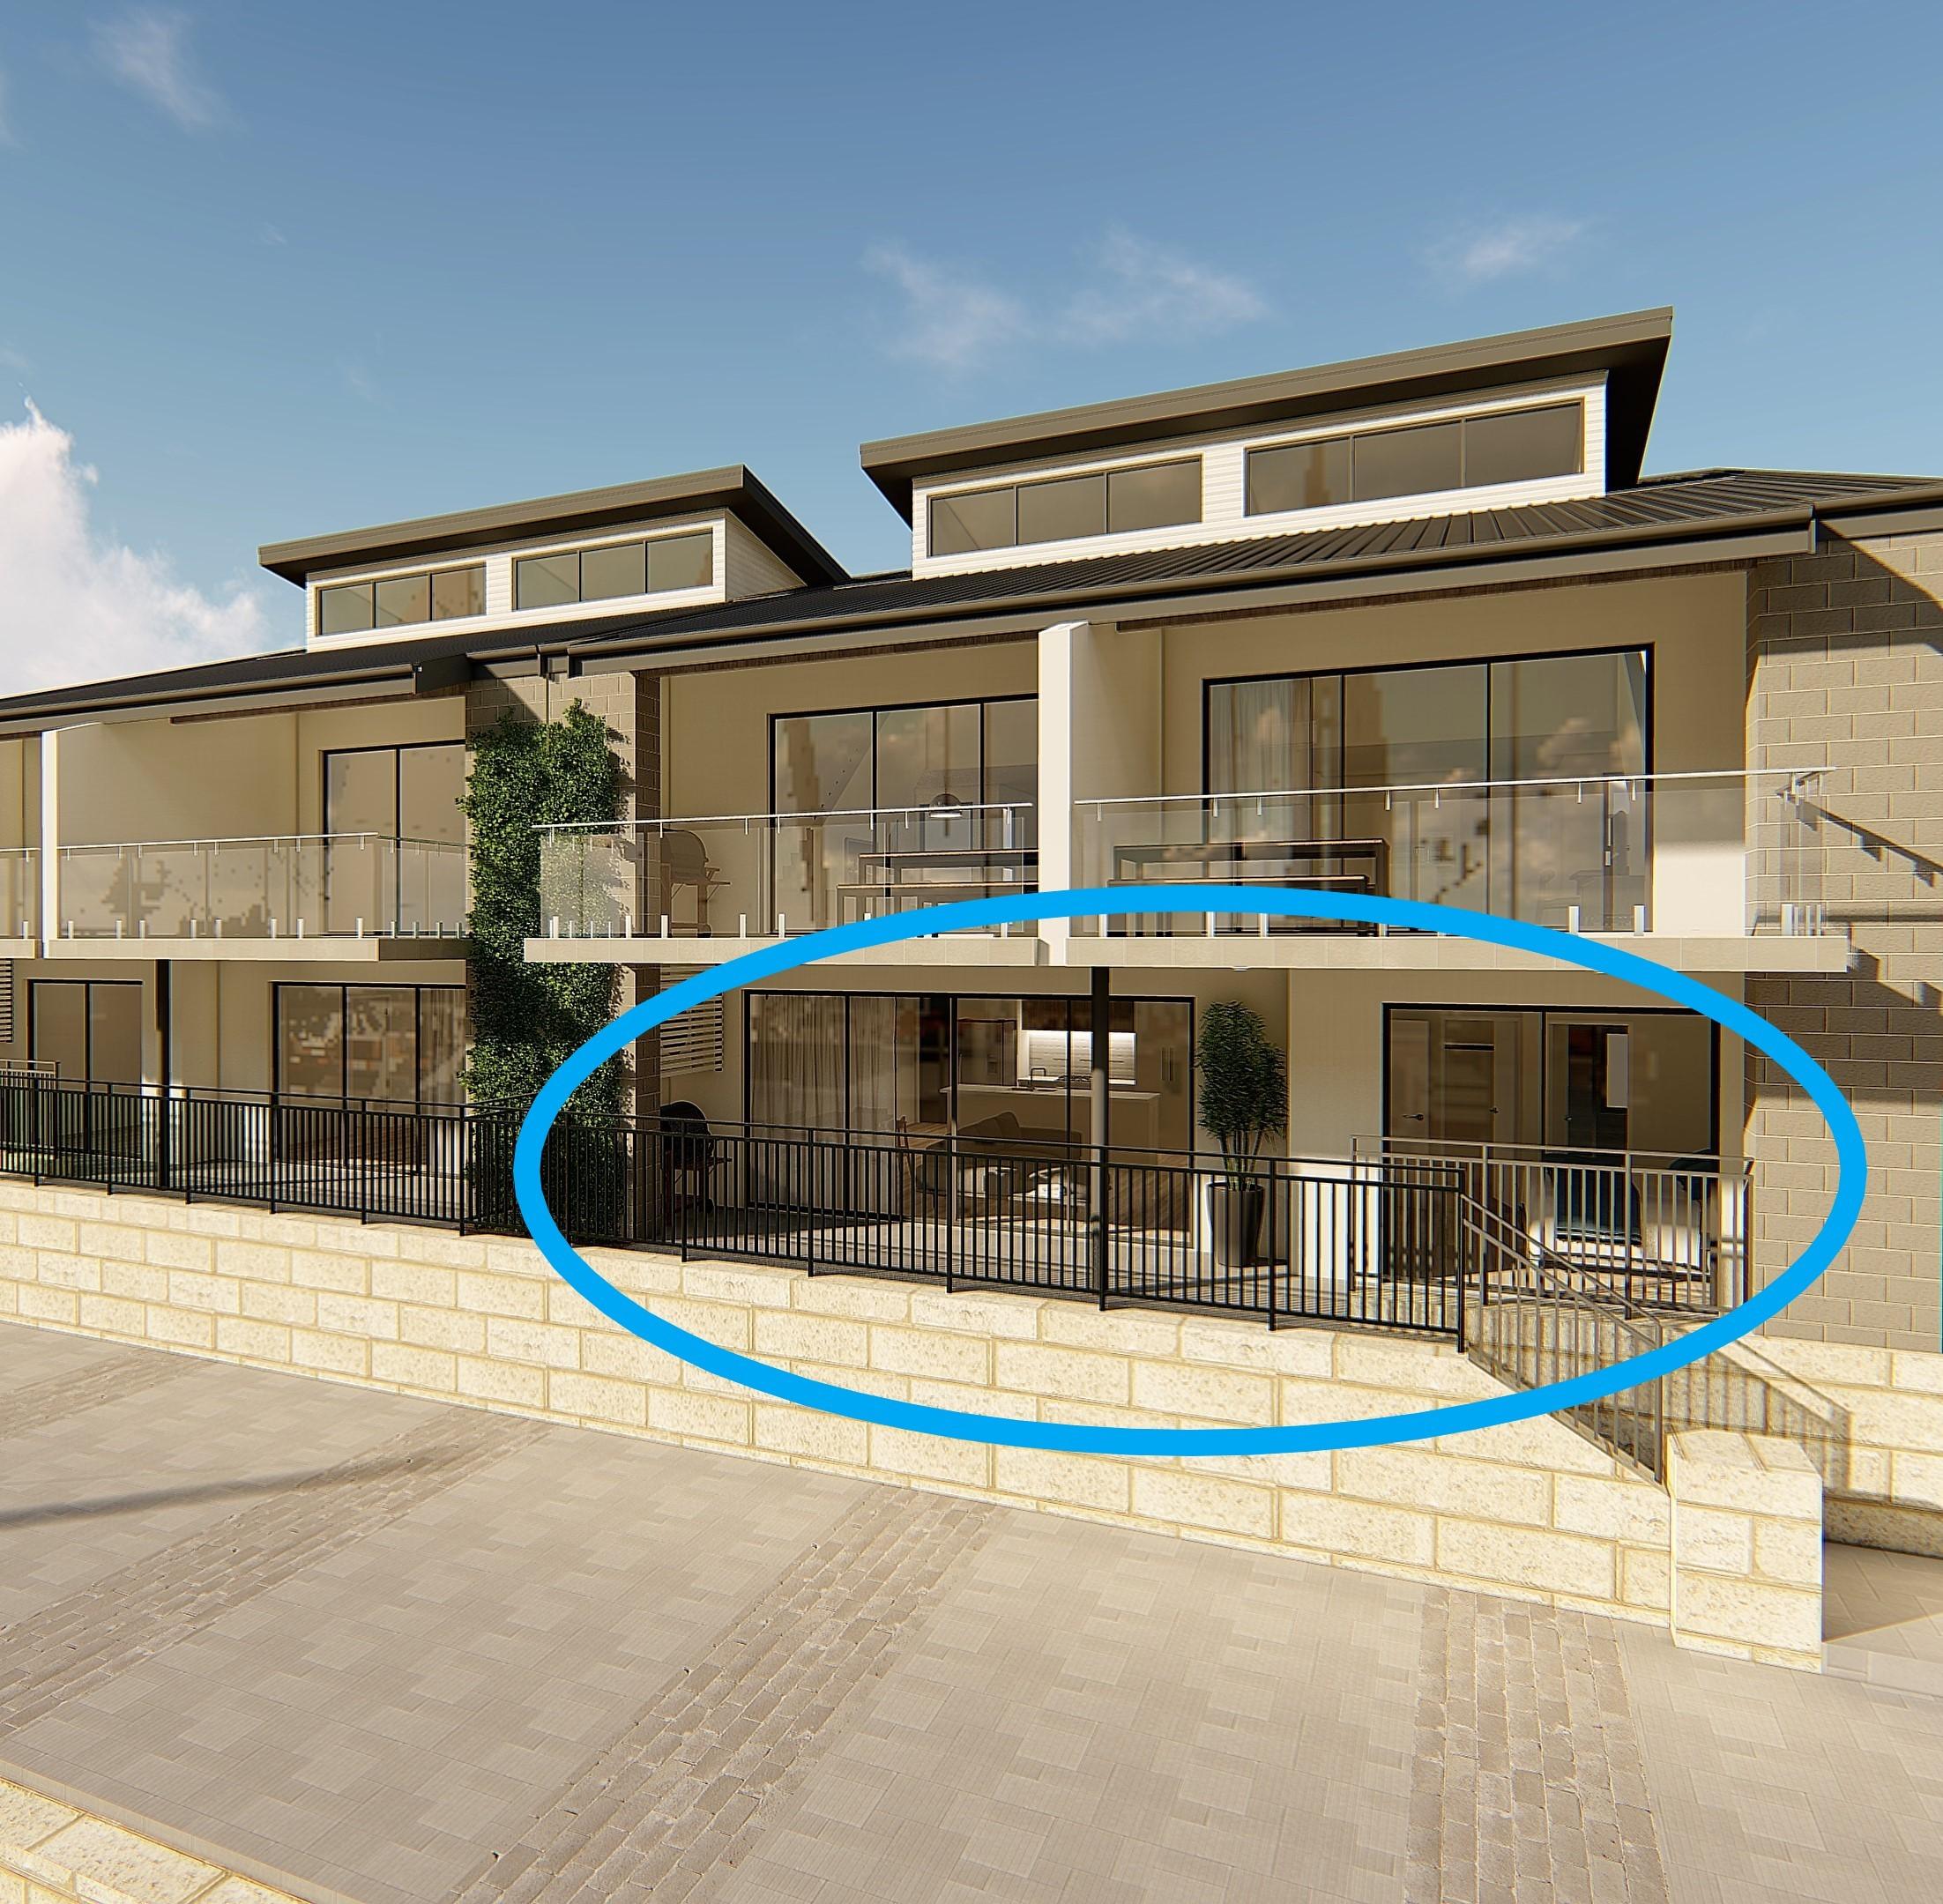 Regatta Apartments: Unit 1/3 Regatta Turn, Mandurah WA 6210